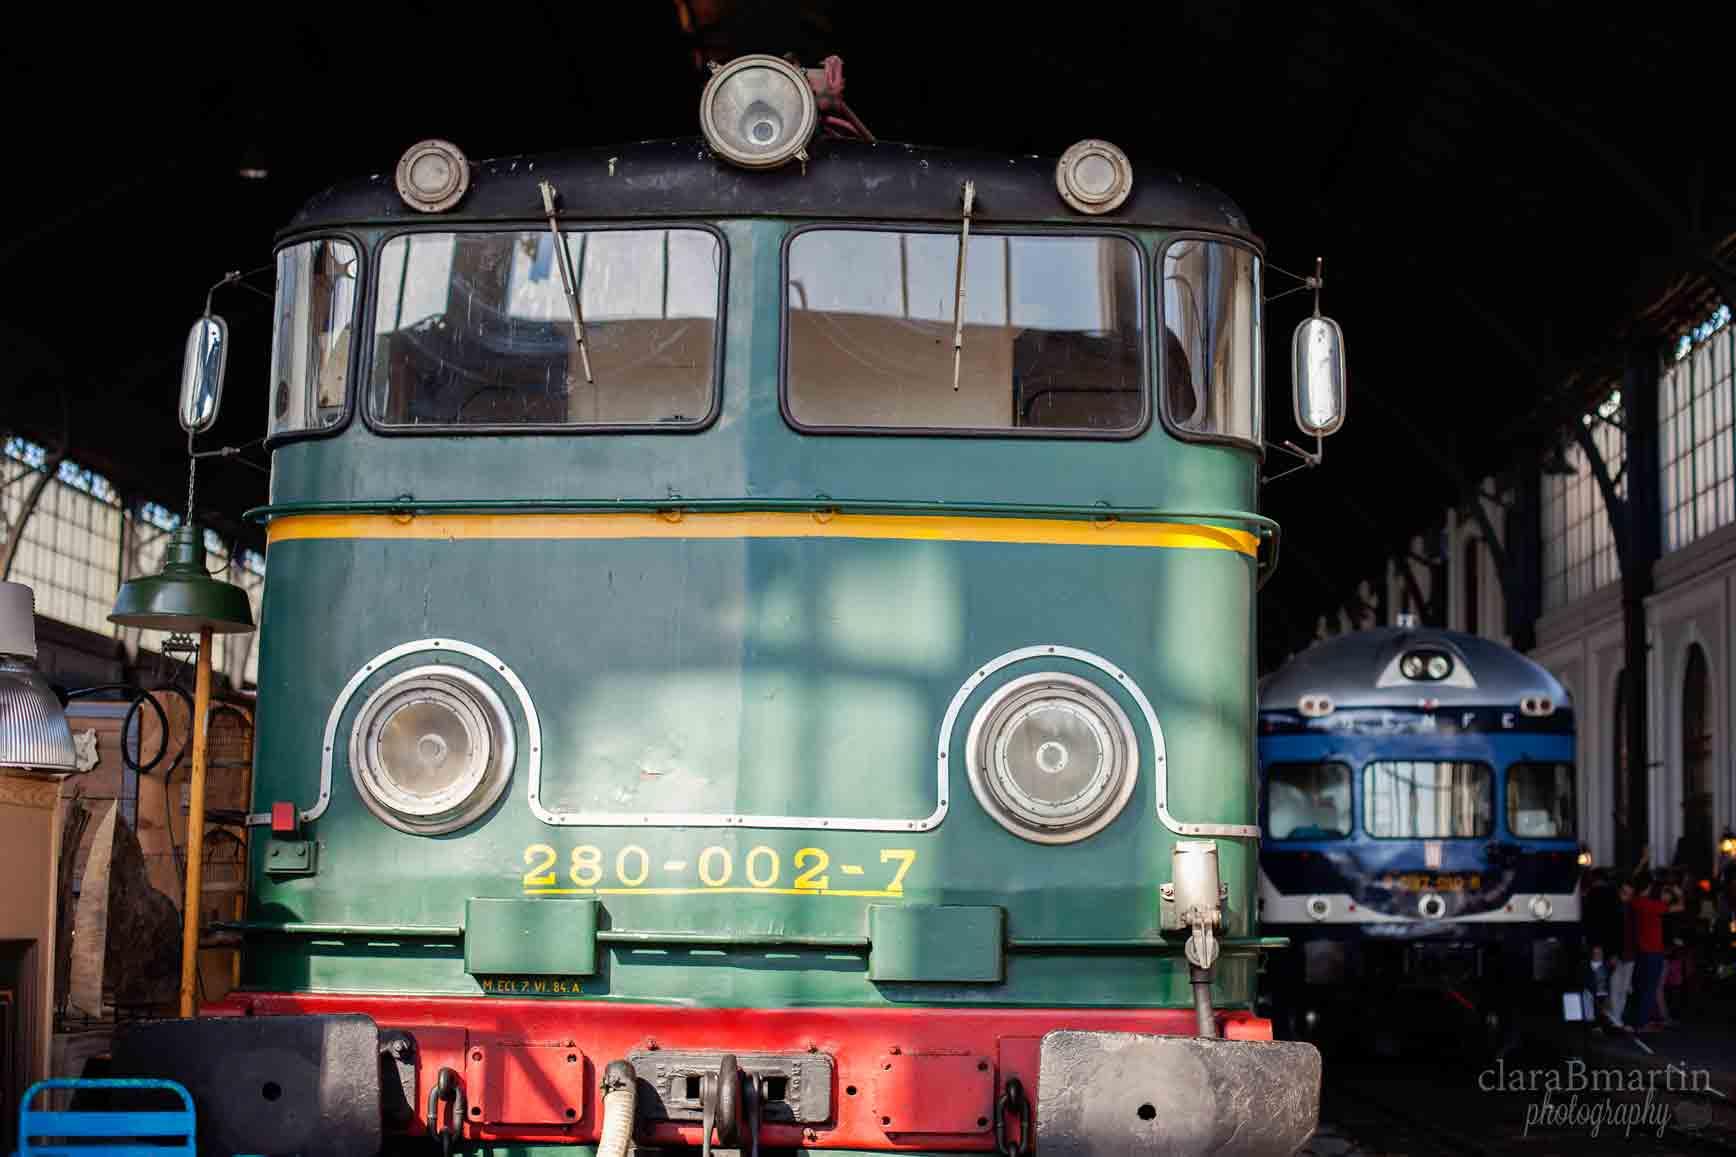 Mercado-de-motores-clarabmartin-08